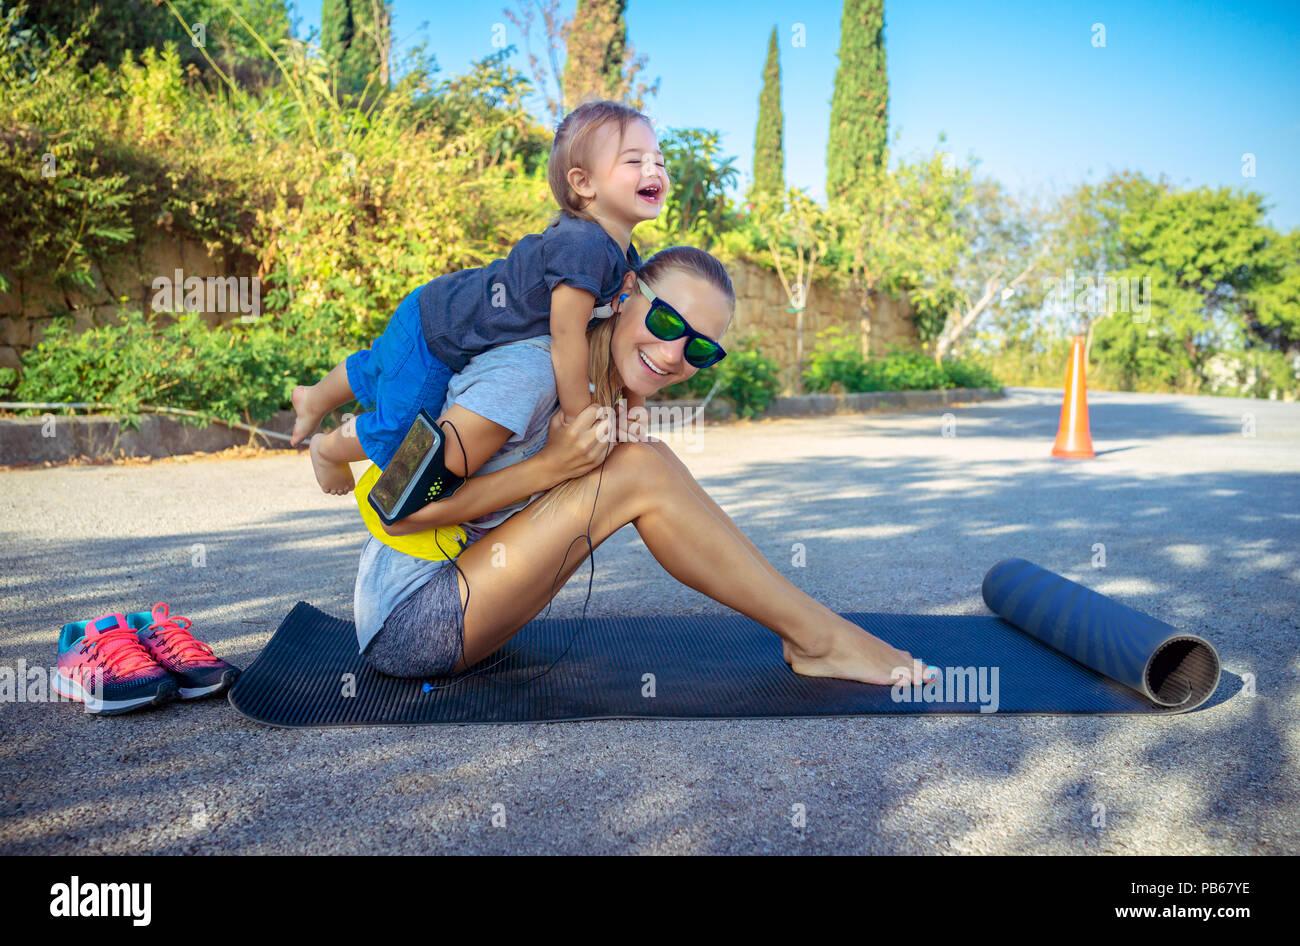 Una vida familiar sana, lindo alegre Baby Boy juega piggy back y le ayudará a hacer estiramientos, hermosa mujer con su pequeño hijo haciendo deporte ejercicio Imagen De Stock